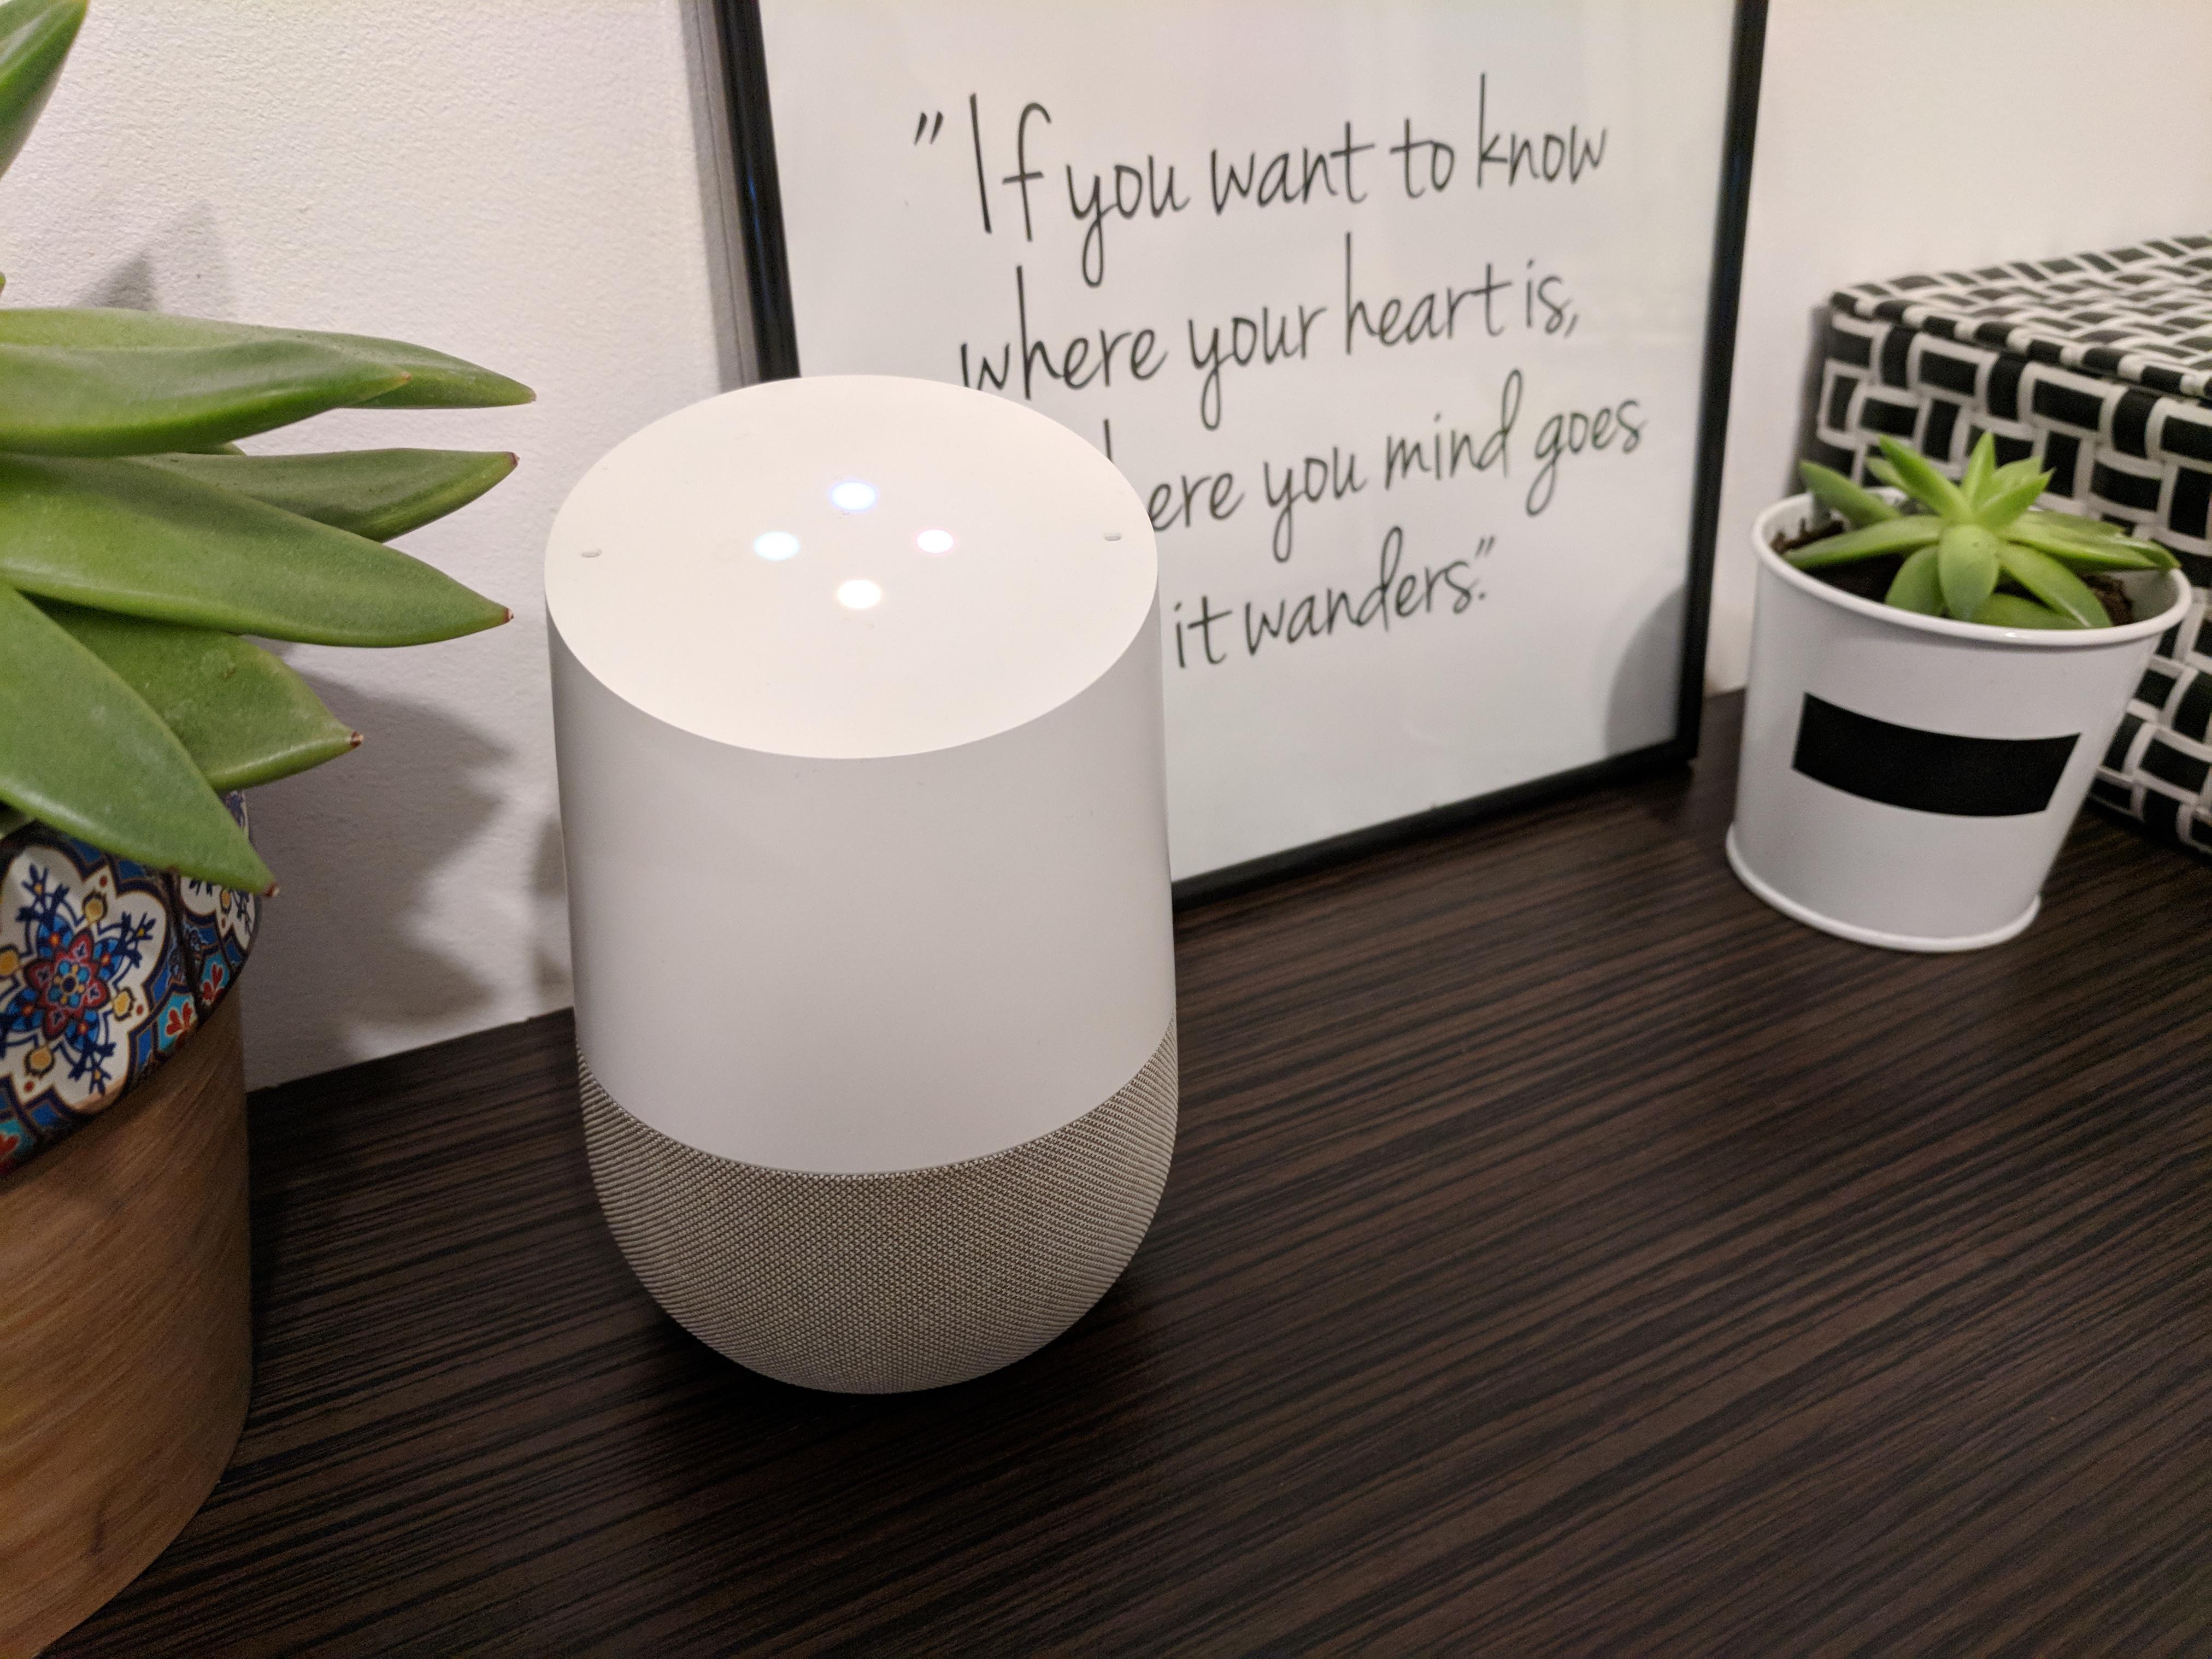 inteligentny głośnik google home